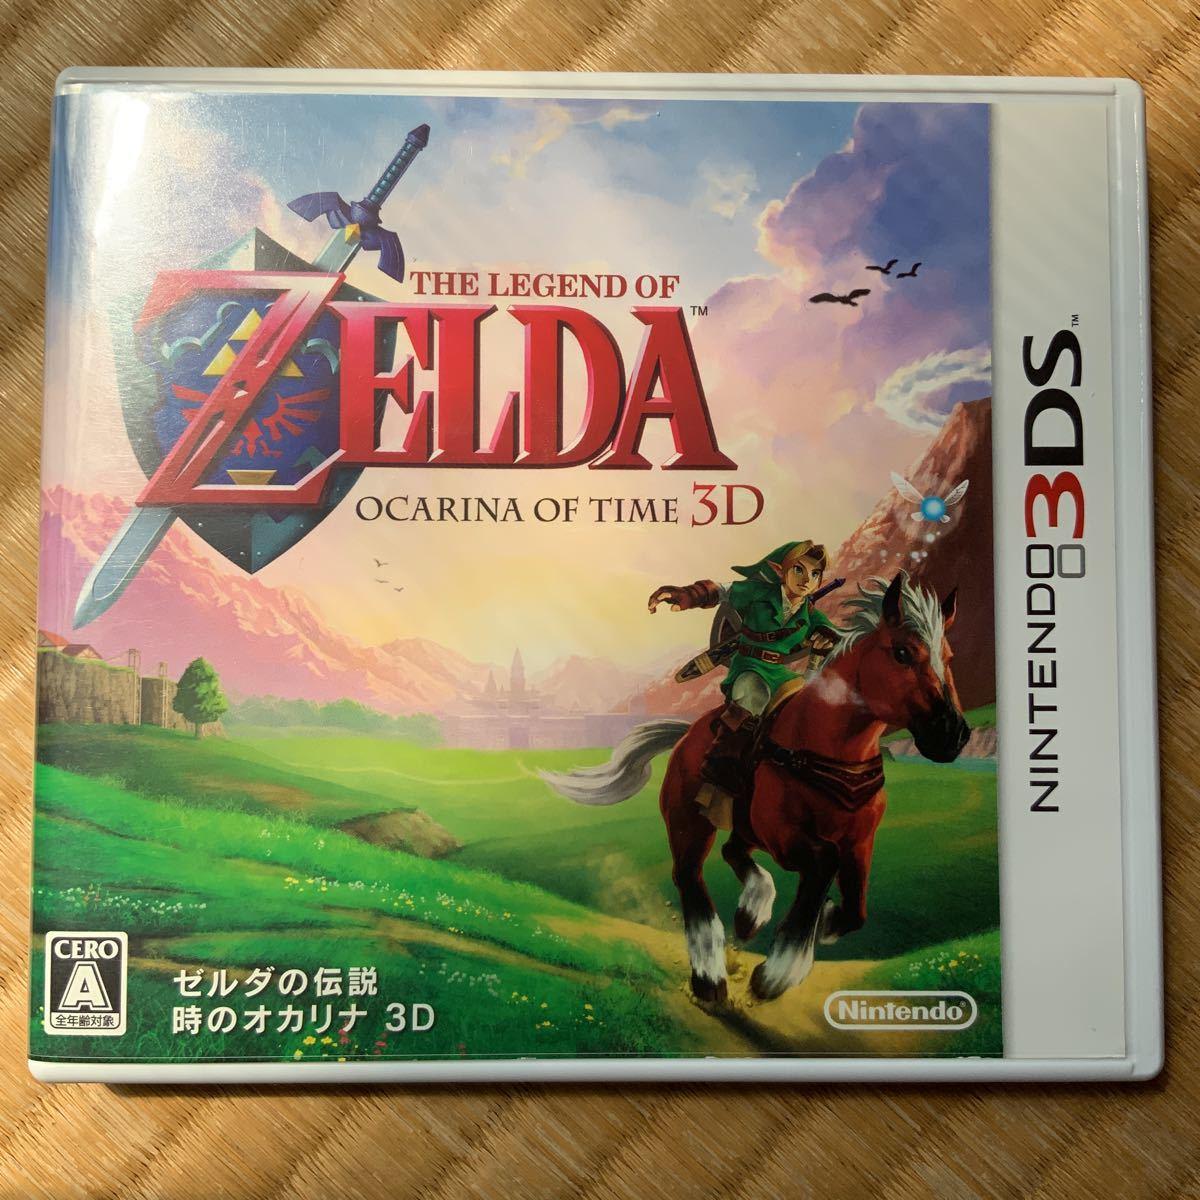 ゼルダの伝説時のオカリナ3D 3DS_画像1